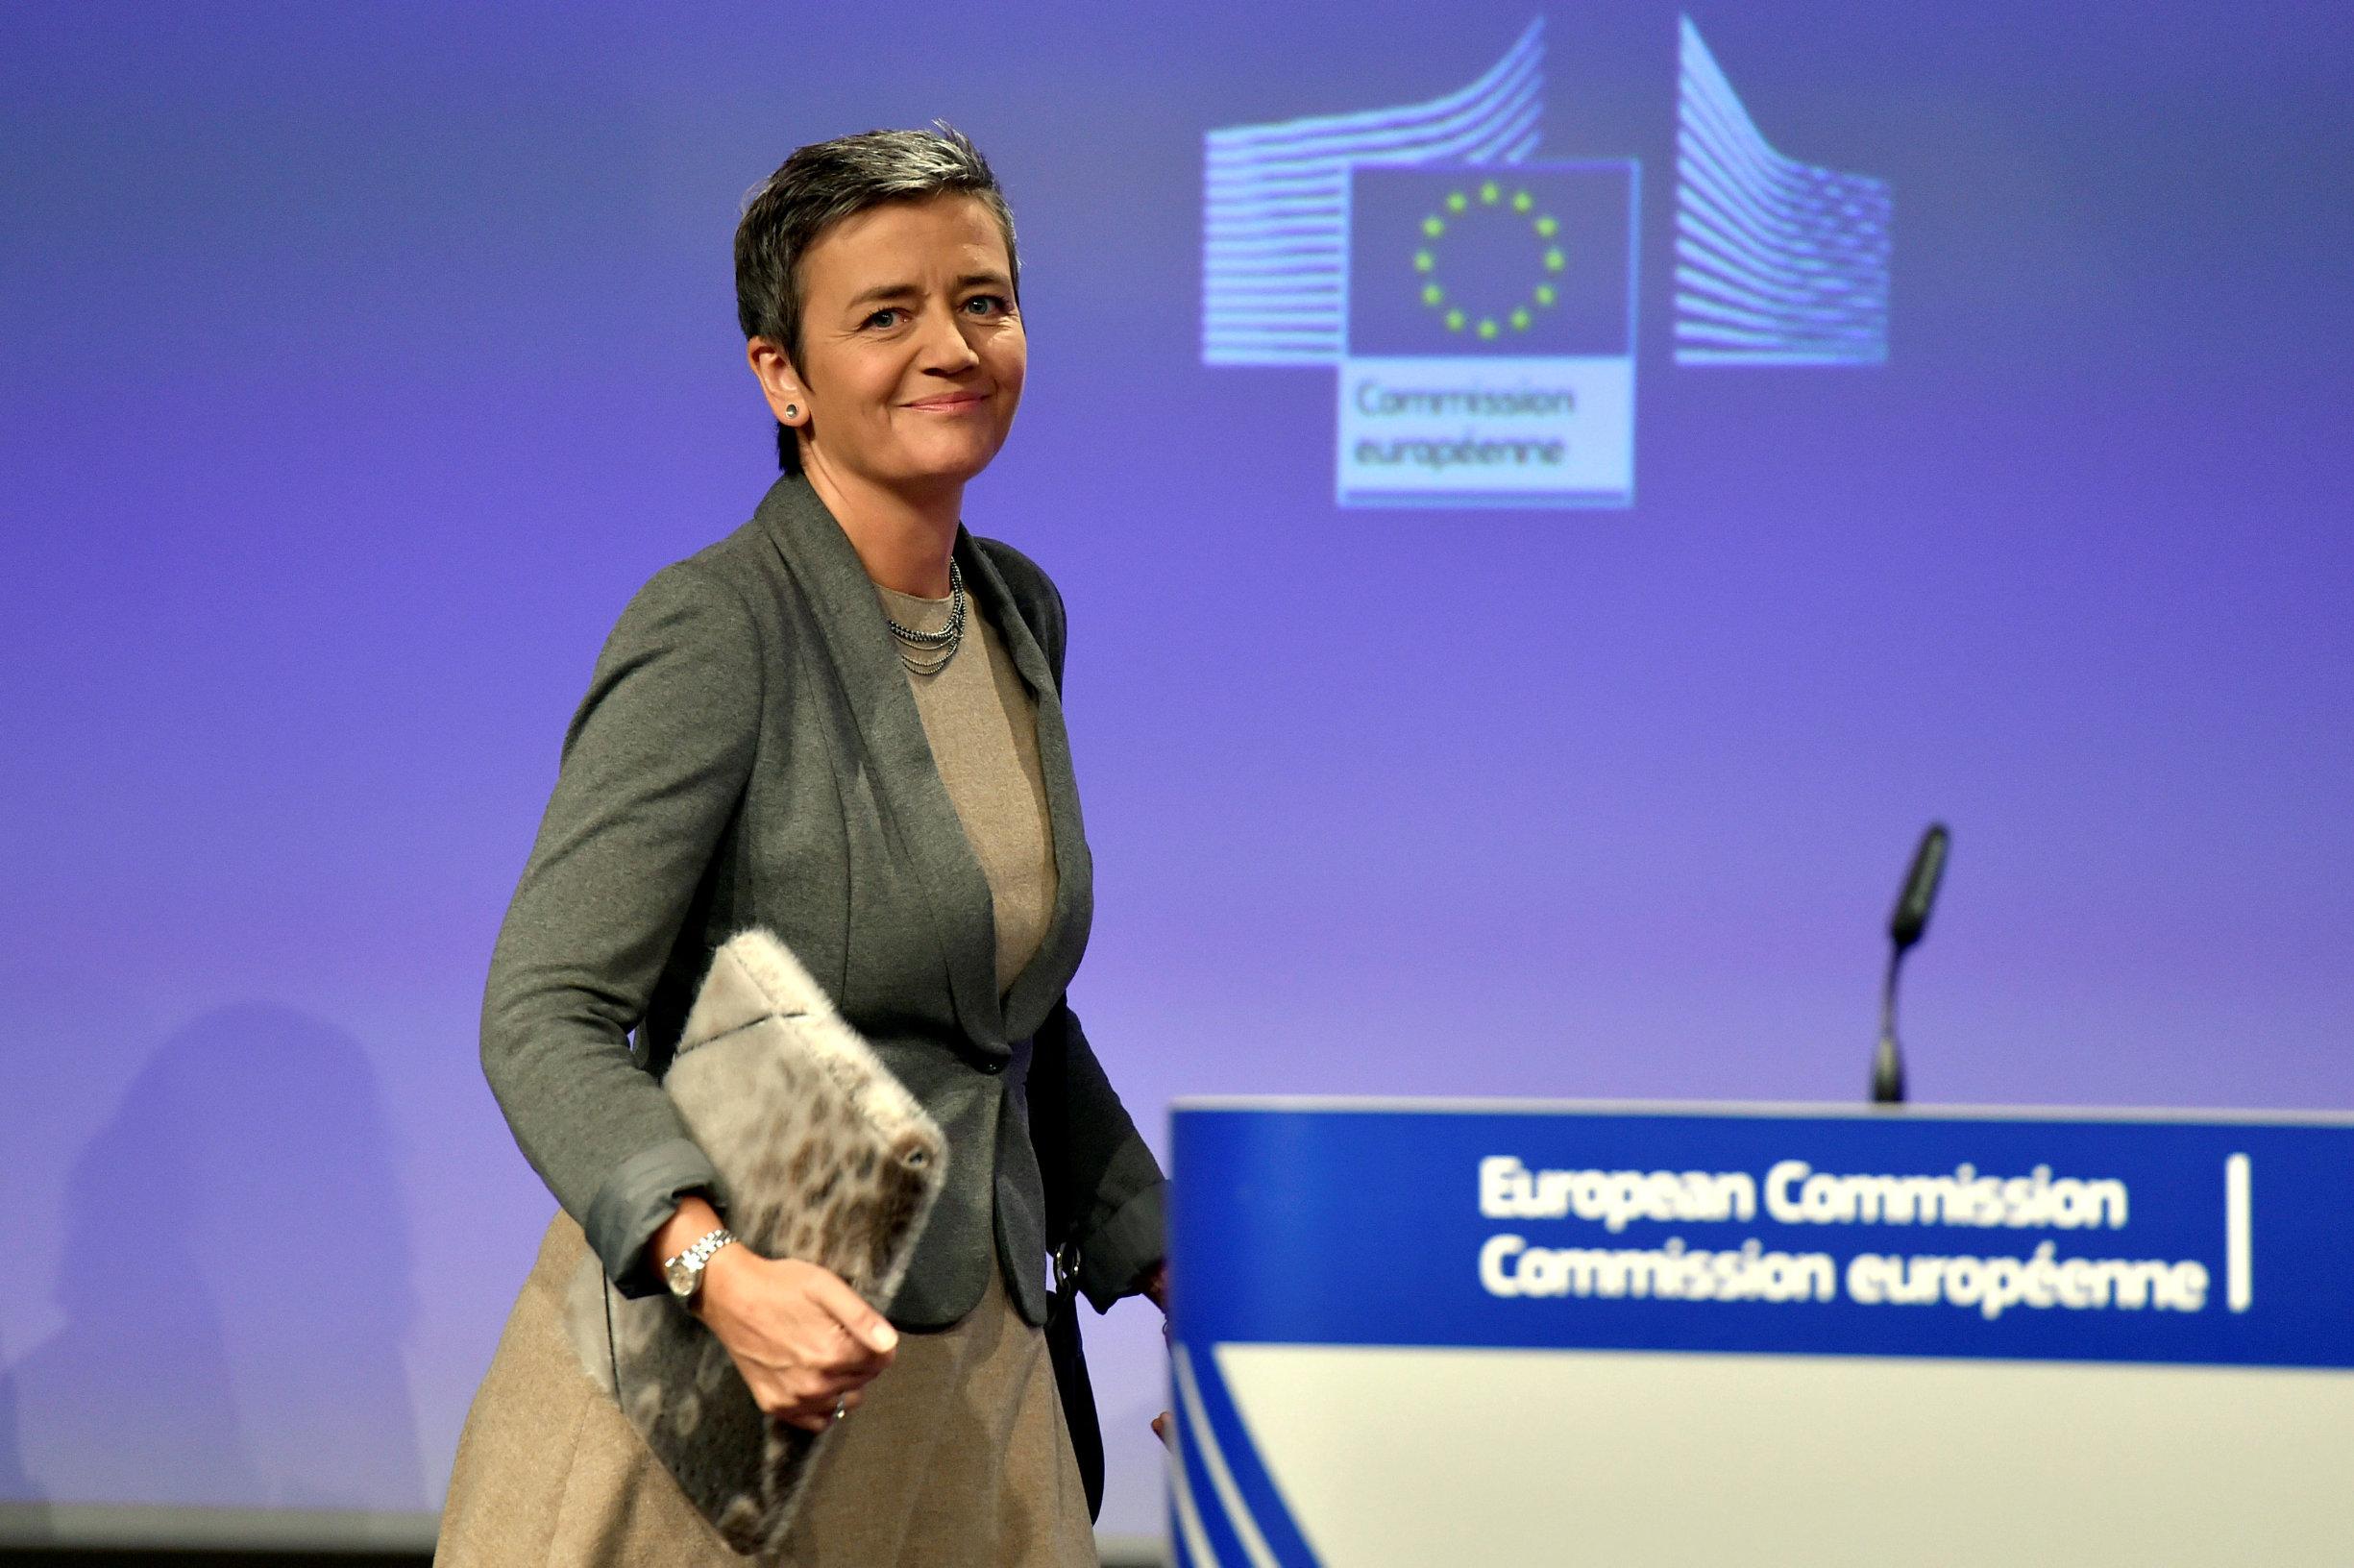 Dankinja Margrethe Vestager se sve češće spominje kao kompromisni kandidat za predsjednicu Europske komisije, a pučani i socijalisti bi zatim podijelili ostala četiri ključna mjesta